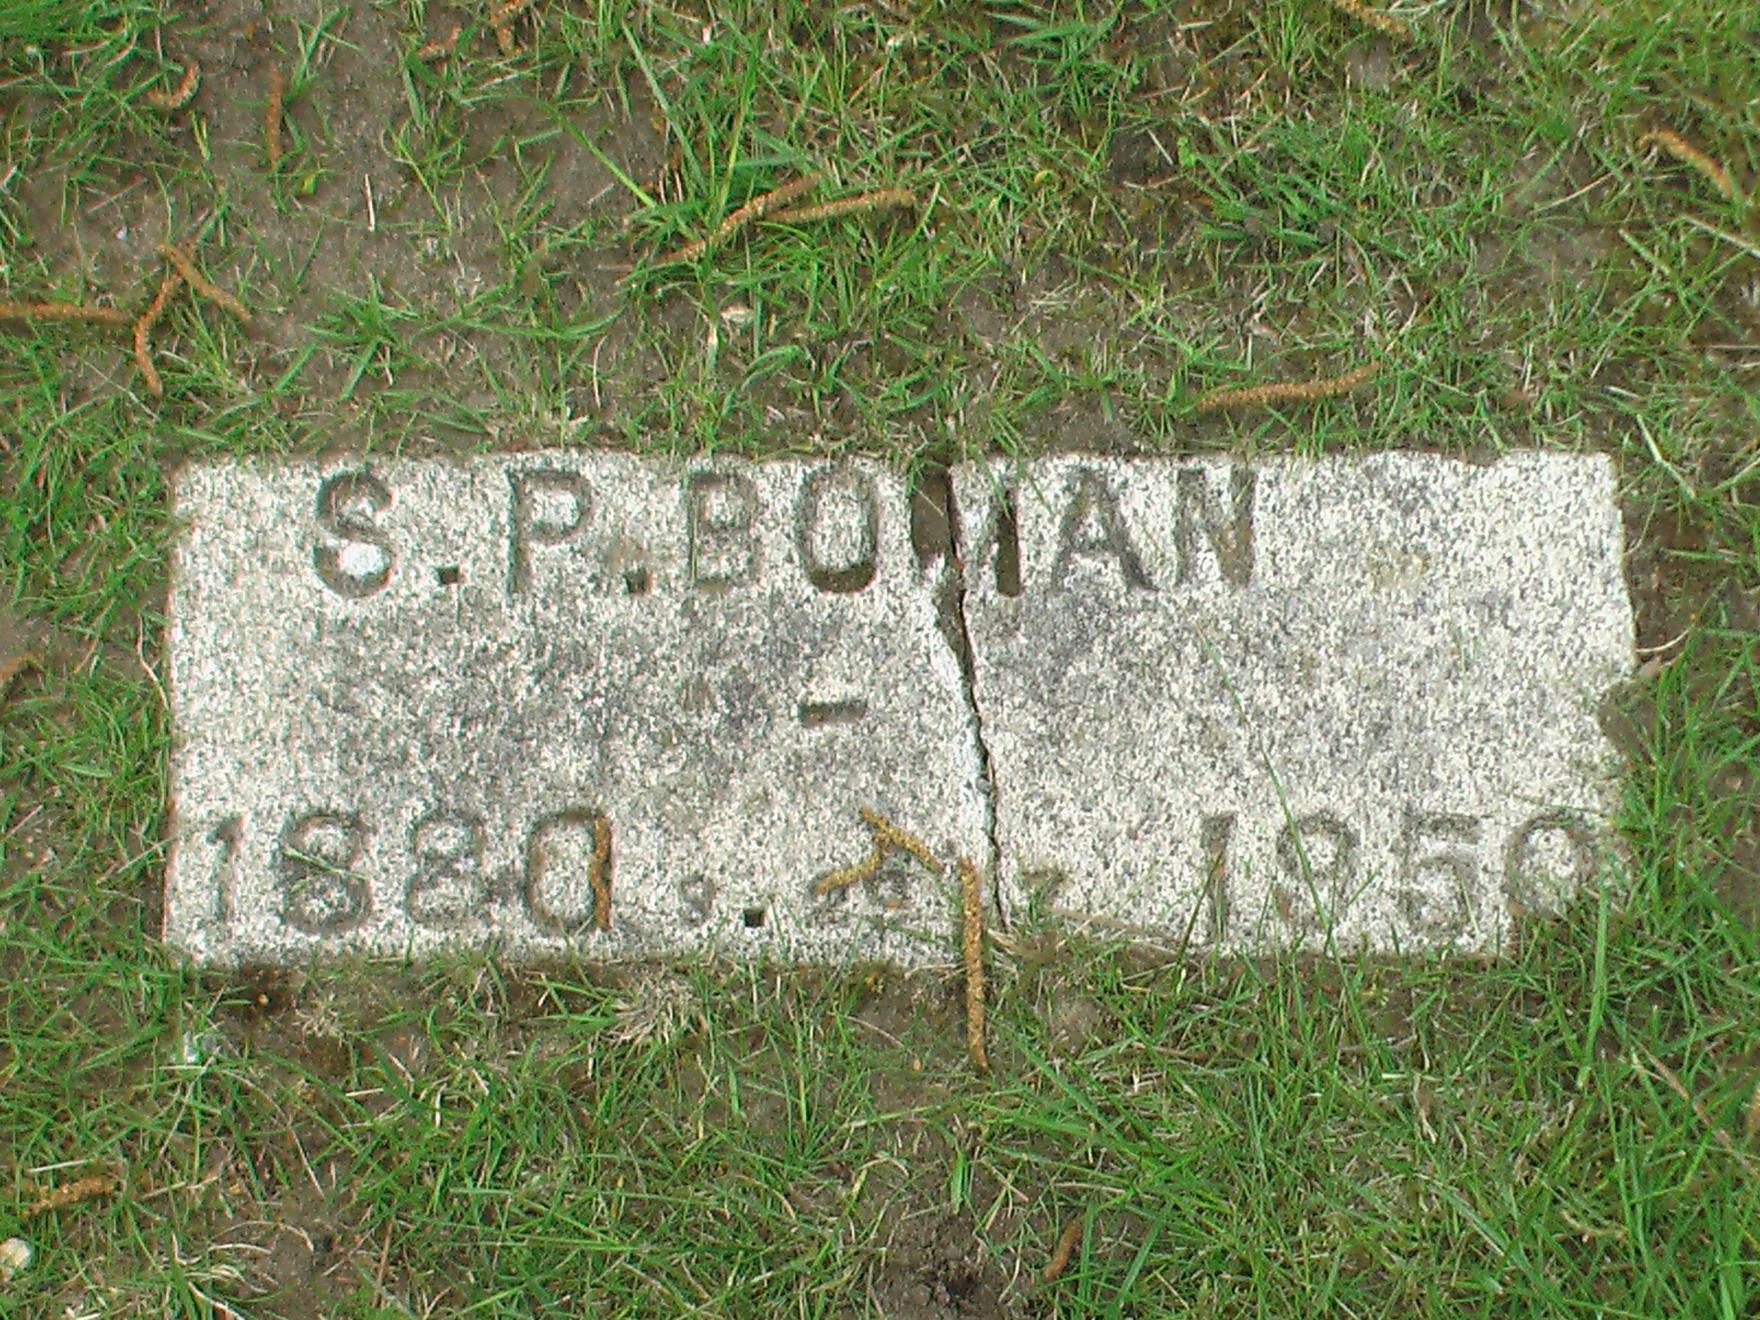 Petrus Boumans